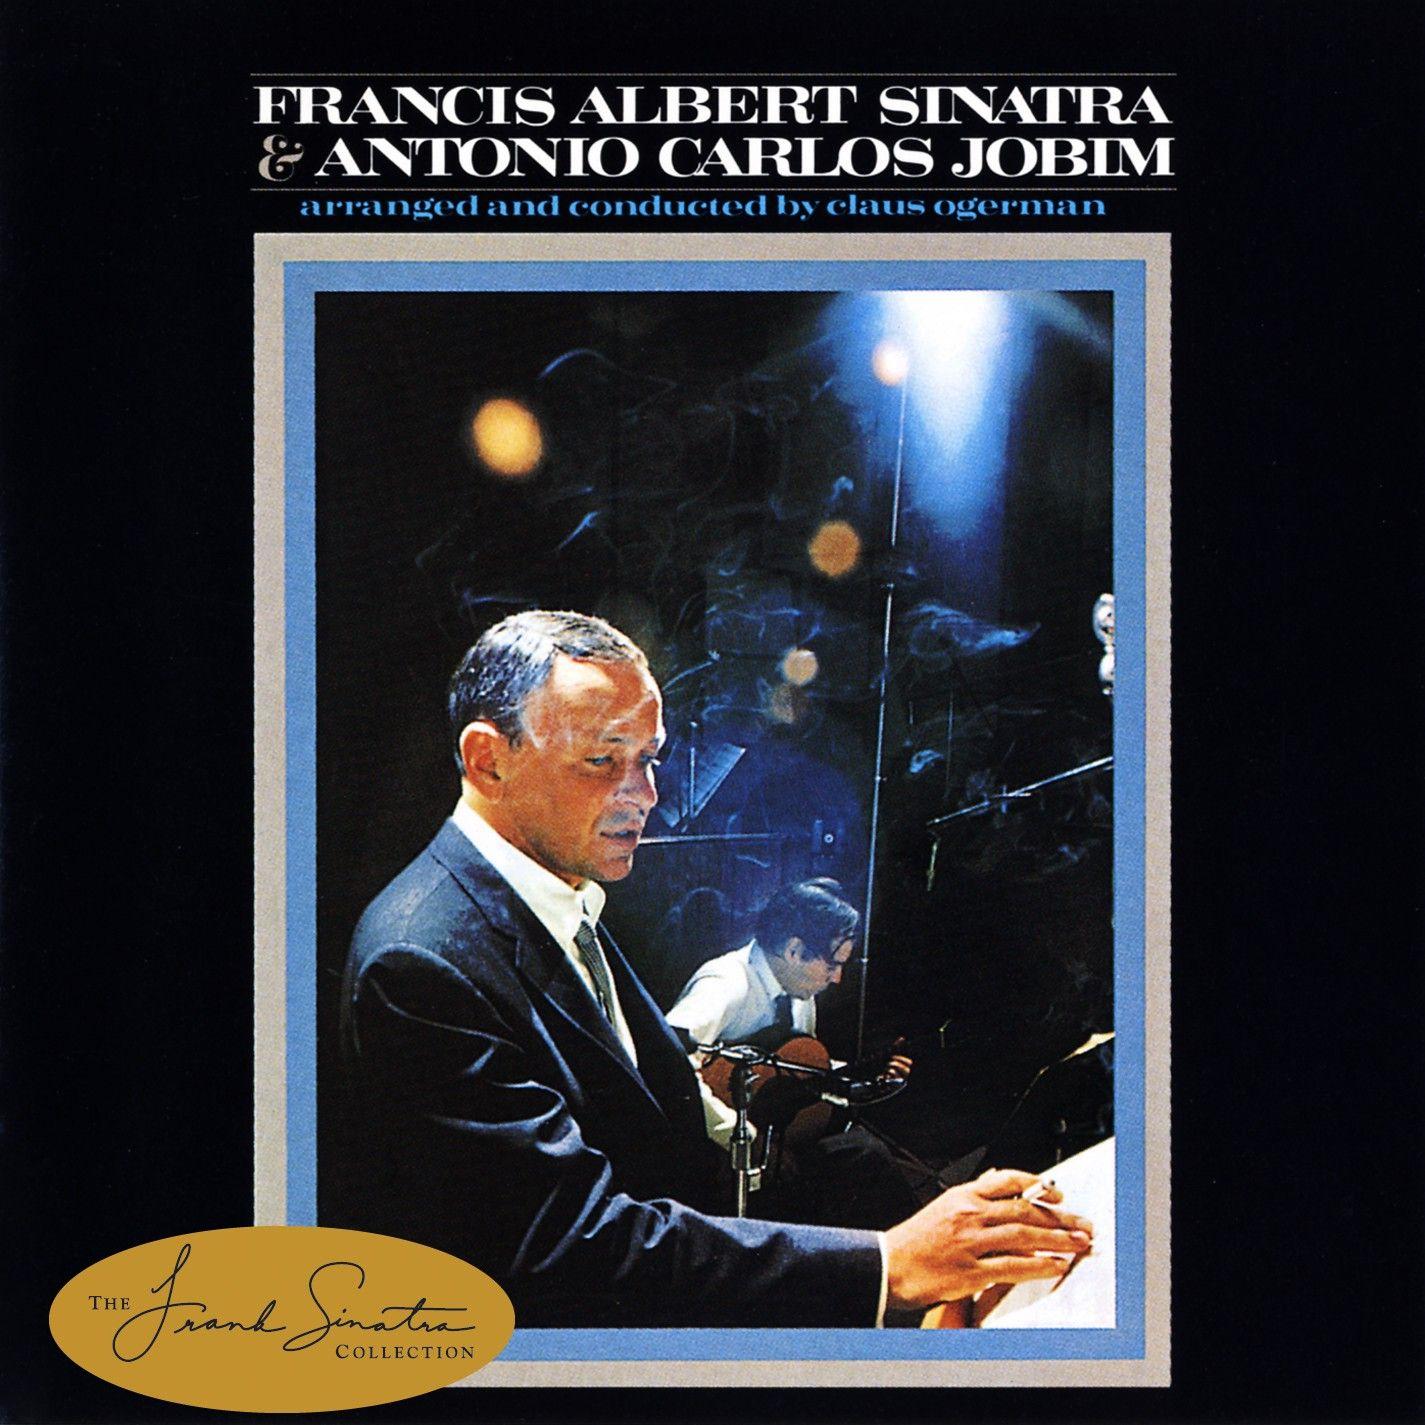 """""""Francis Albert Sinatra & Antonio Carlos Jobim"""" é um álbum de estúdio de 1967 de Frank Sinatra, com participação e músicas de Antonio Carlos Jobim. As faixas foram arranjadas e conduzidas por Claus Ogerman e sua orquestra. Jazz e bossa nova."""